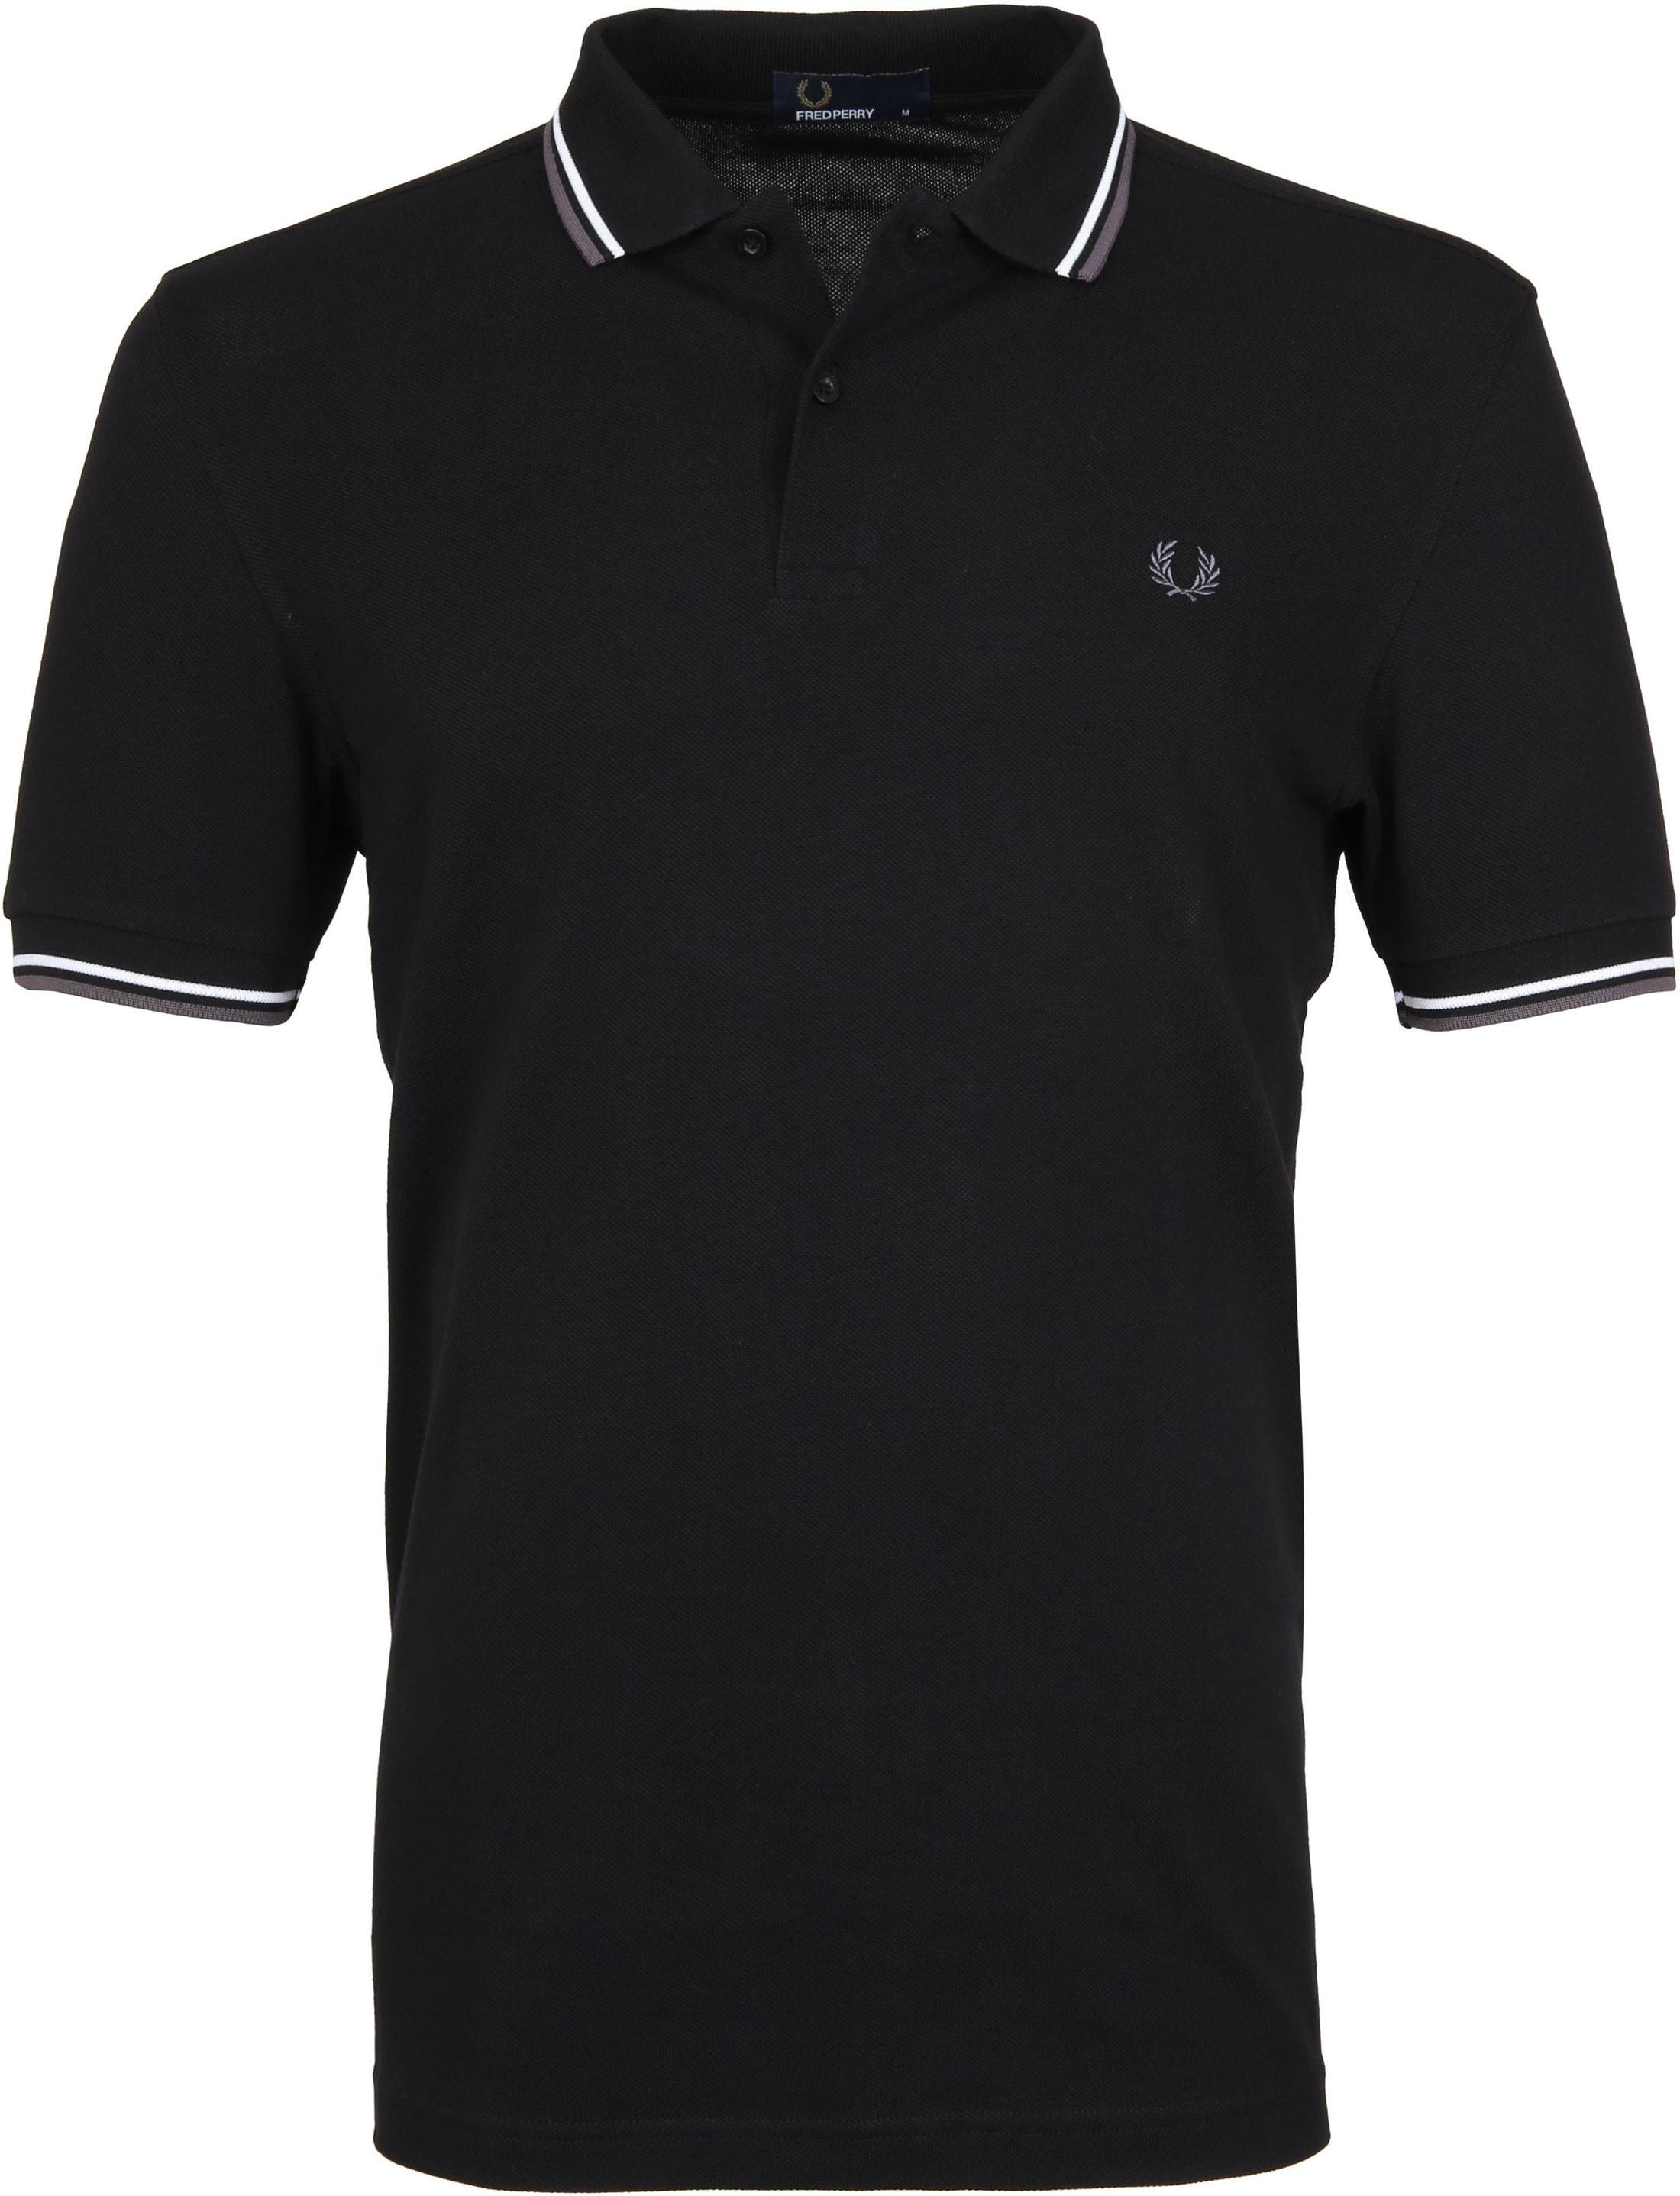 Fred Perry Poloshirt Schwarz I04 M3600 I04 Black online  großer Rabatt